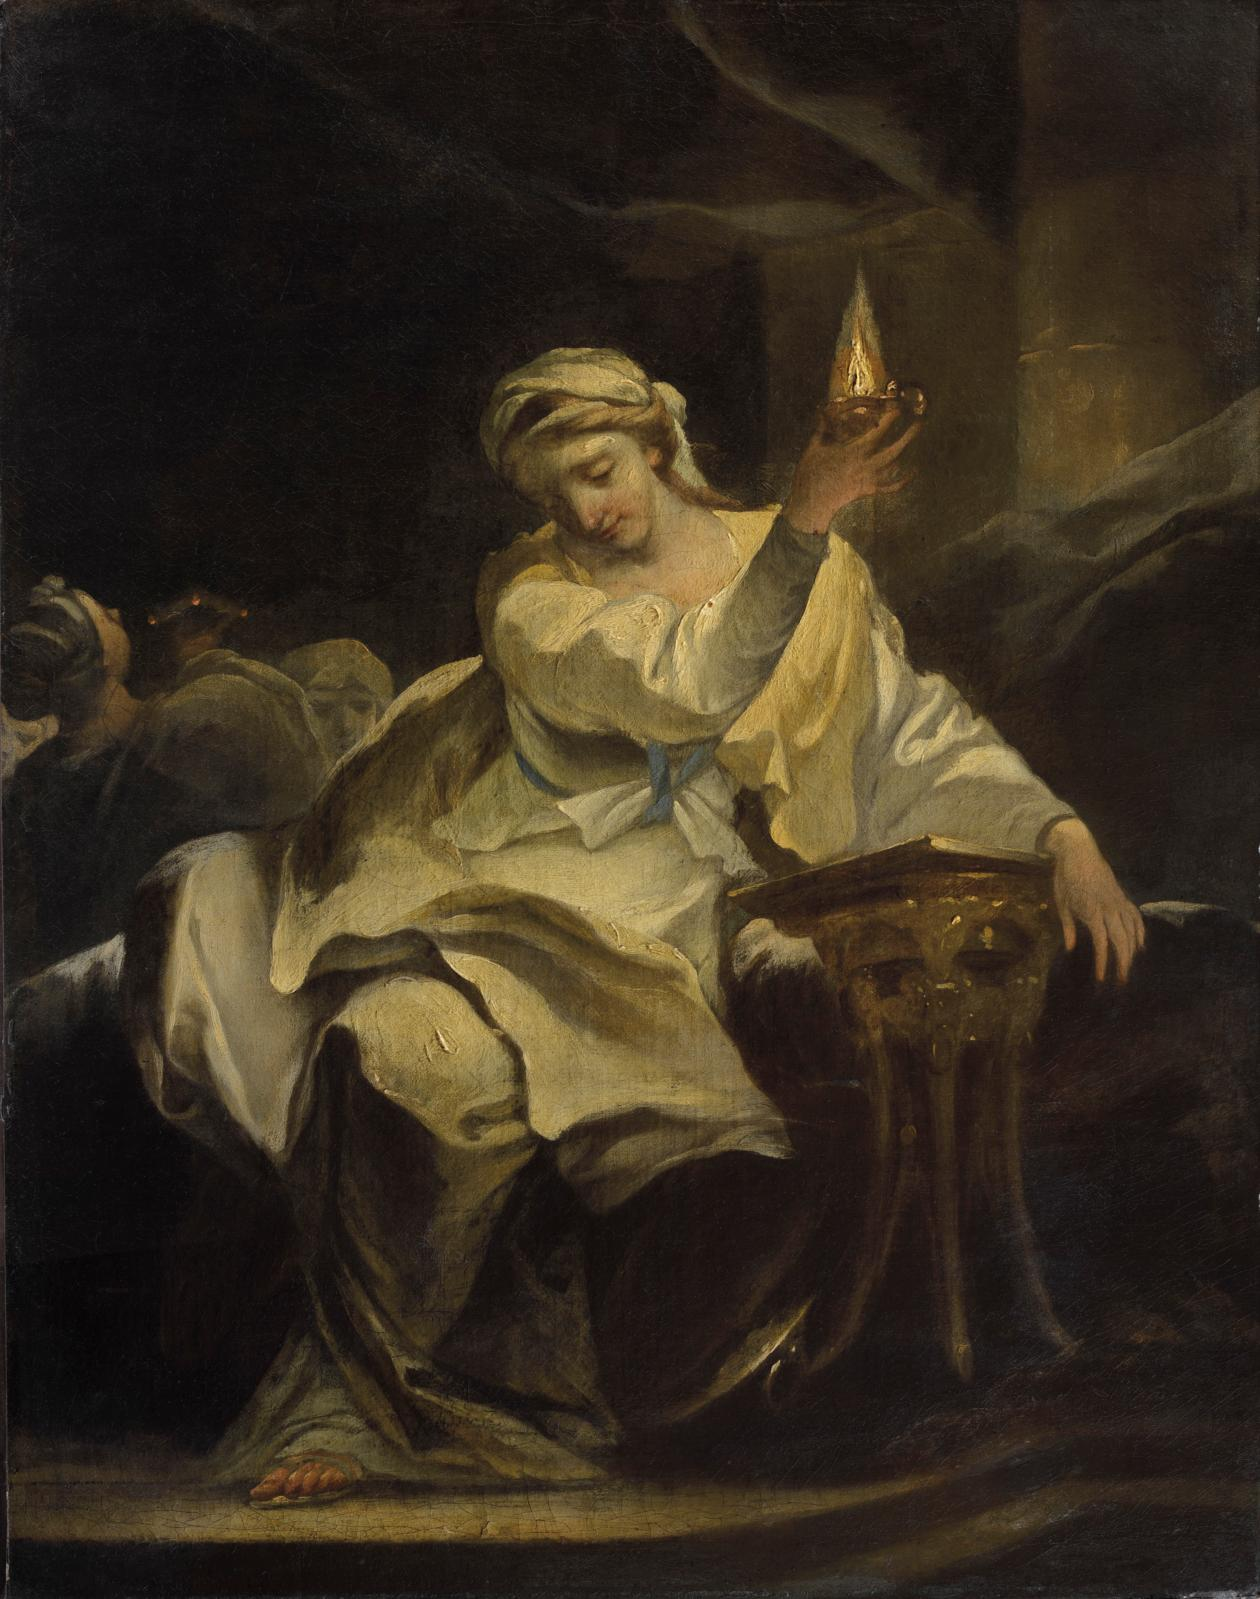 Michel-François Dandré-Bardon (1700-1783), Allégorie de la foi (?), huile sur toile, 74,6x58cm. © Suzanne Nagy